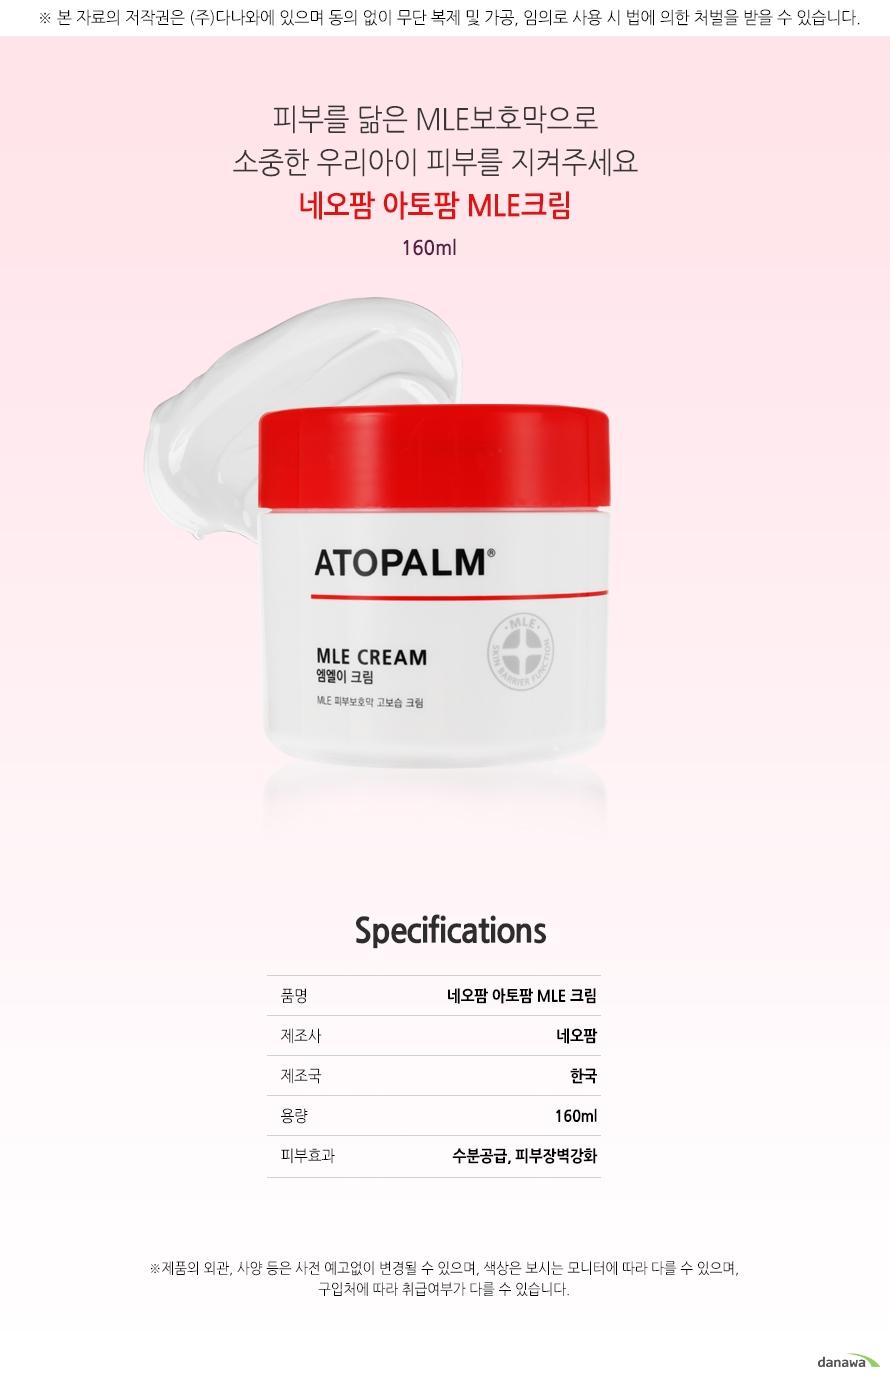 피부를 닮은 MLE보호막으로 소중한 우리아이 피부를 지켜주세요   네오팜 아토팜MLE크림   160ml      Specifications   품명      네오팜 아토팜 MLE크림   제조사    네오팜   제조국    한국   용량      160ml   피부효과  수분공급,피부장벽강화